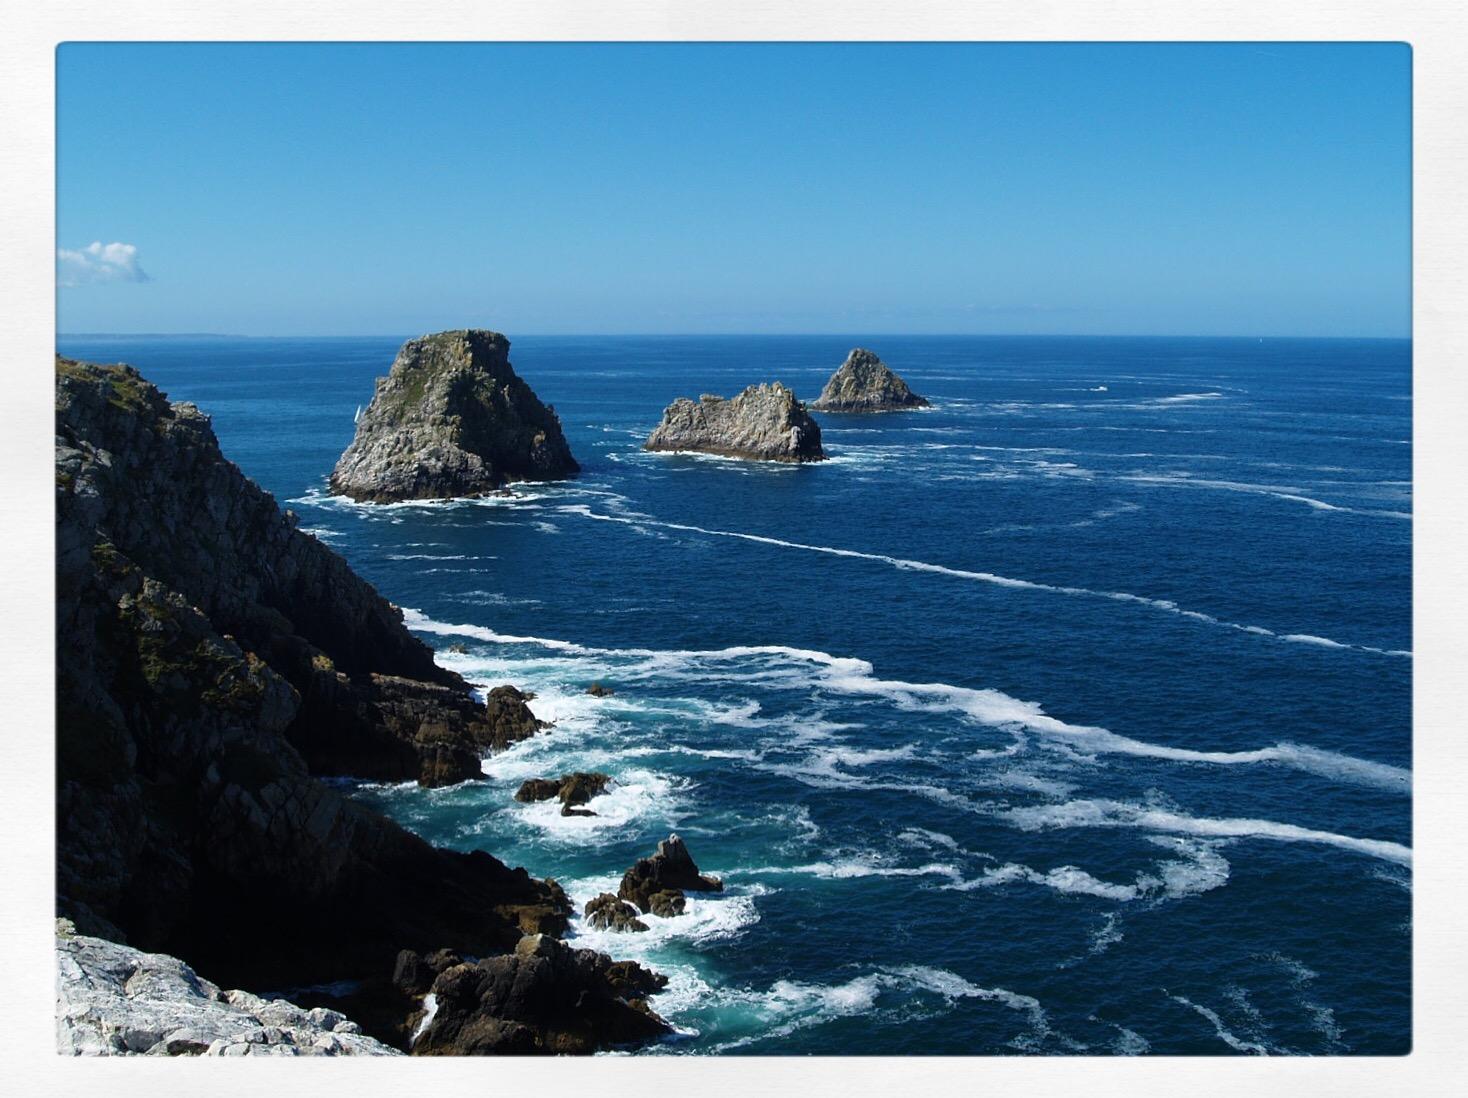 La roccia in mezzo al mare...